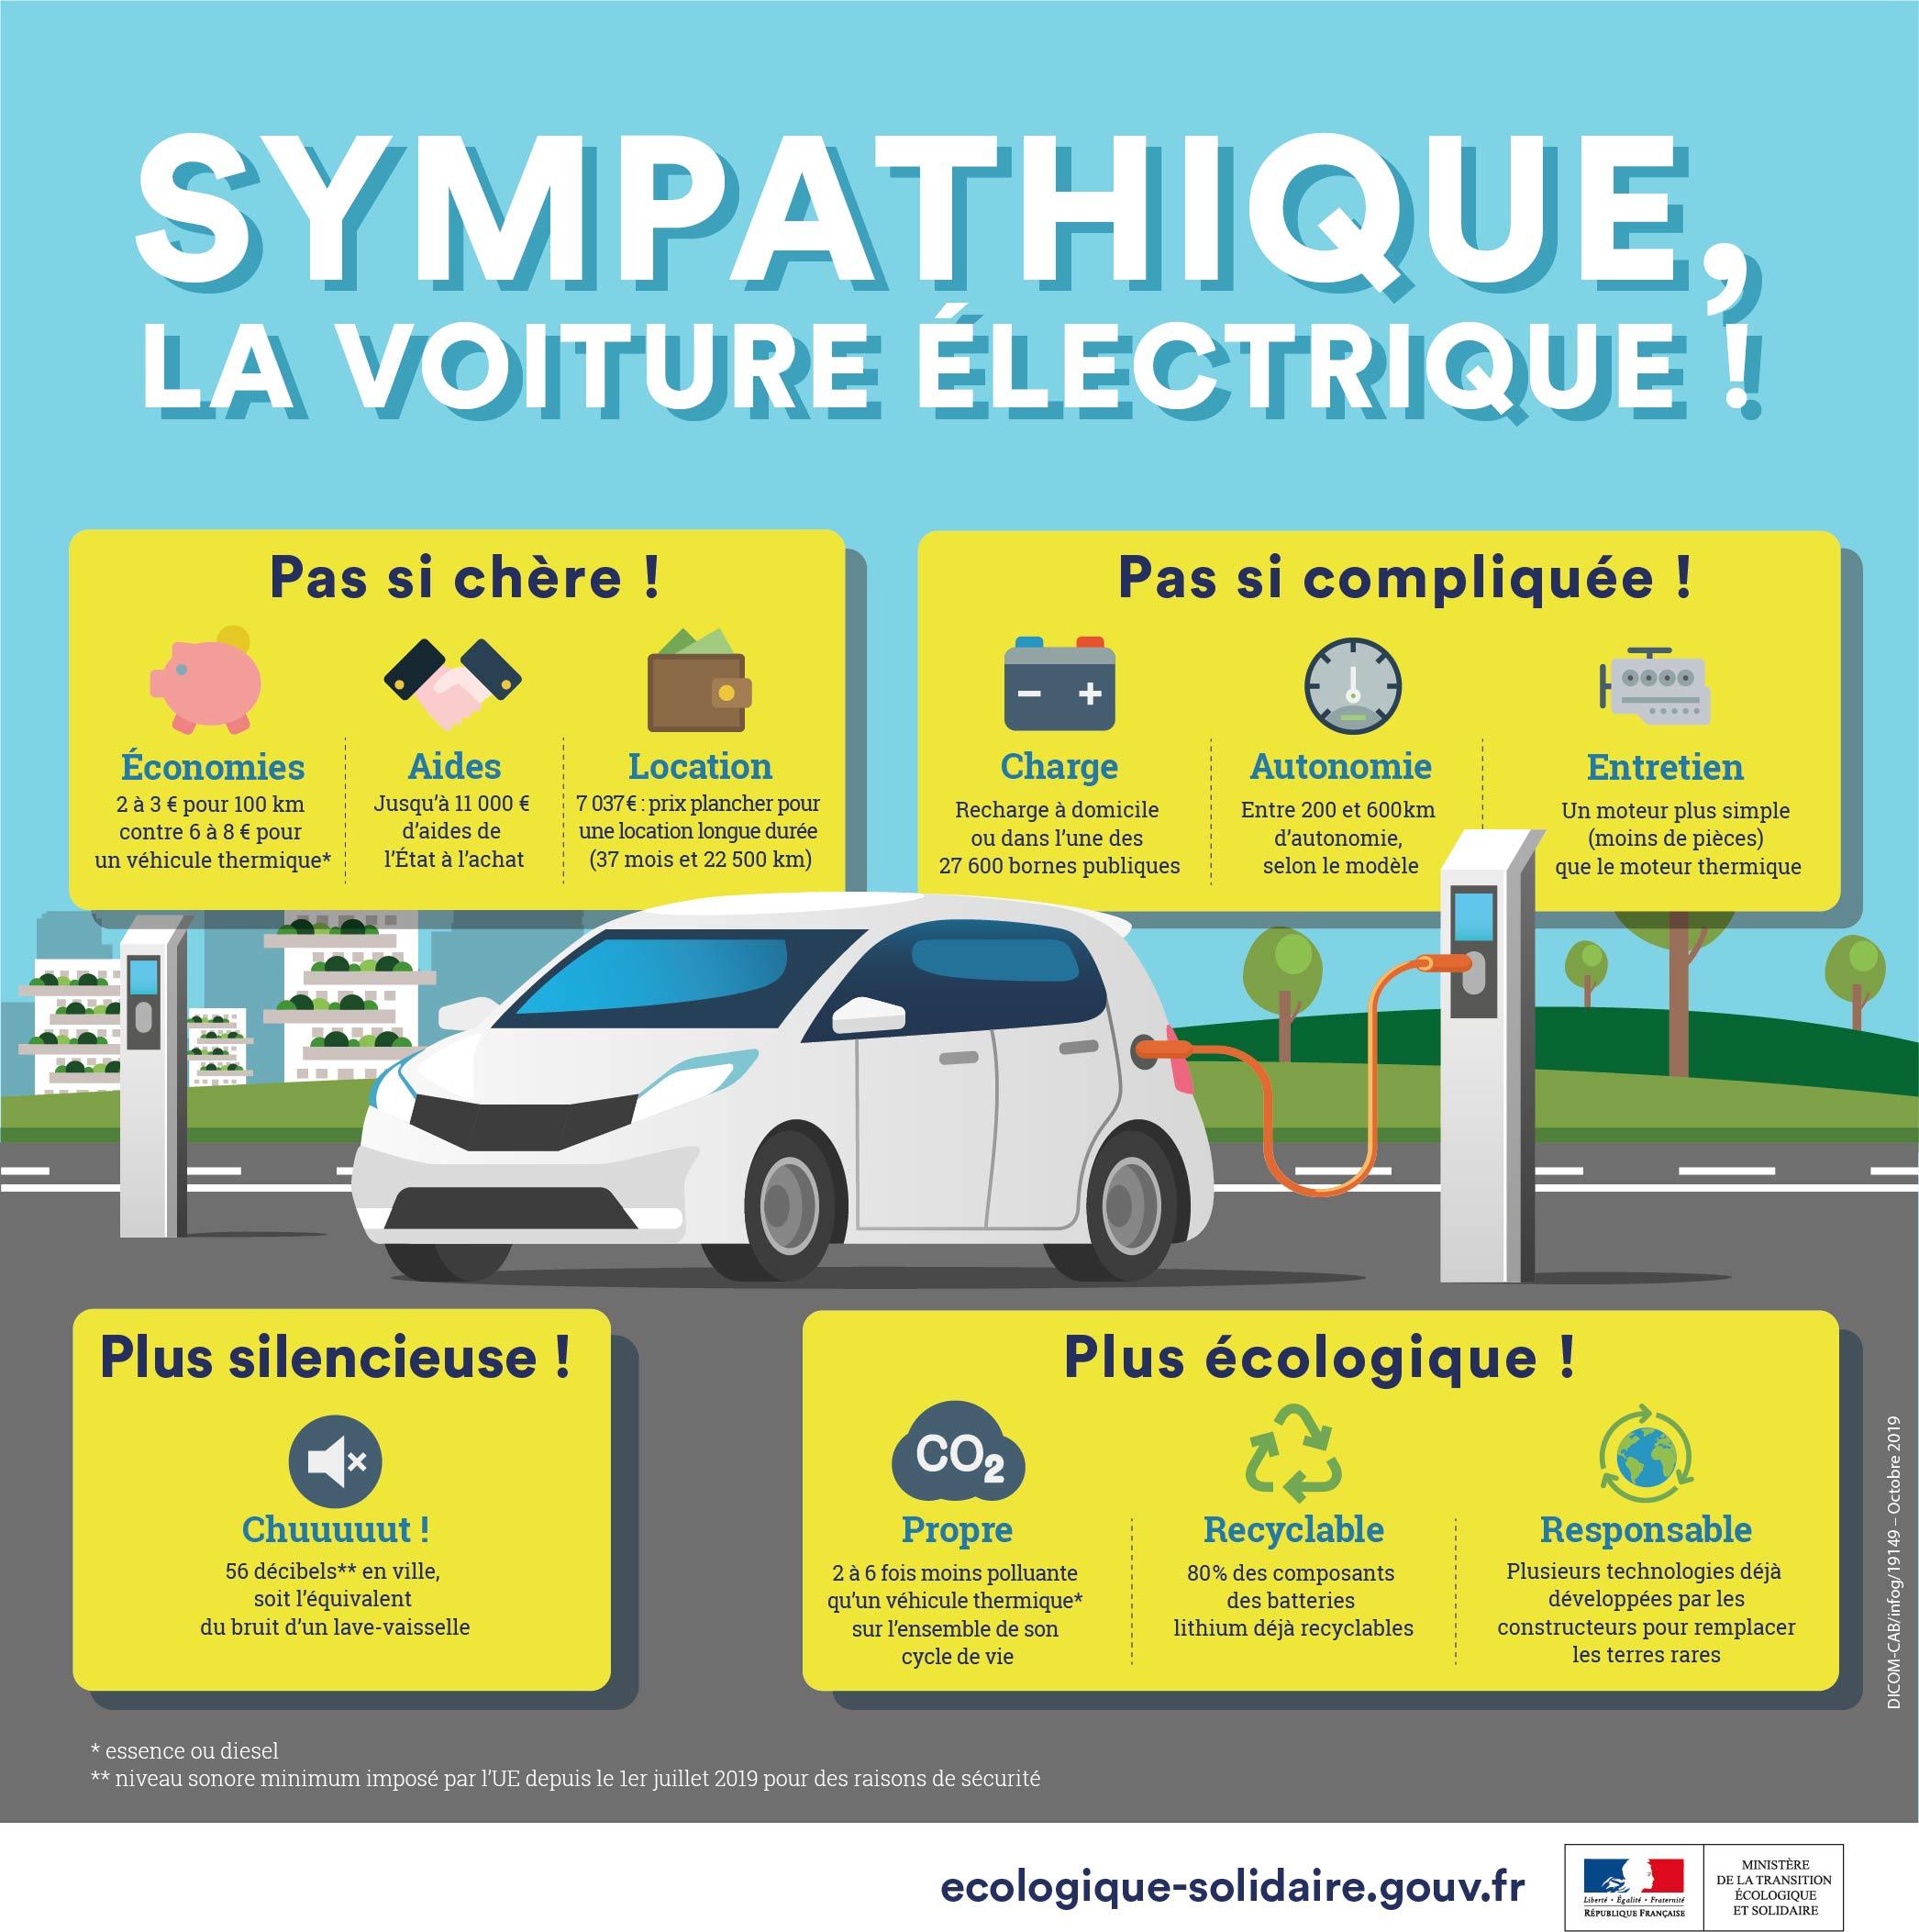 Sympathique, la voiture électrique !